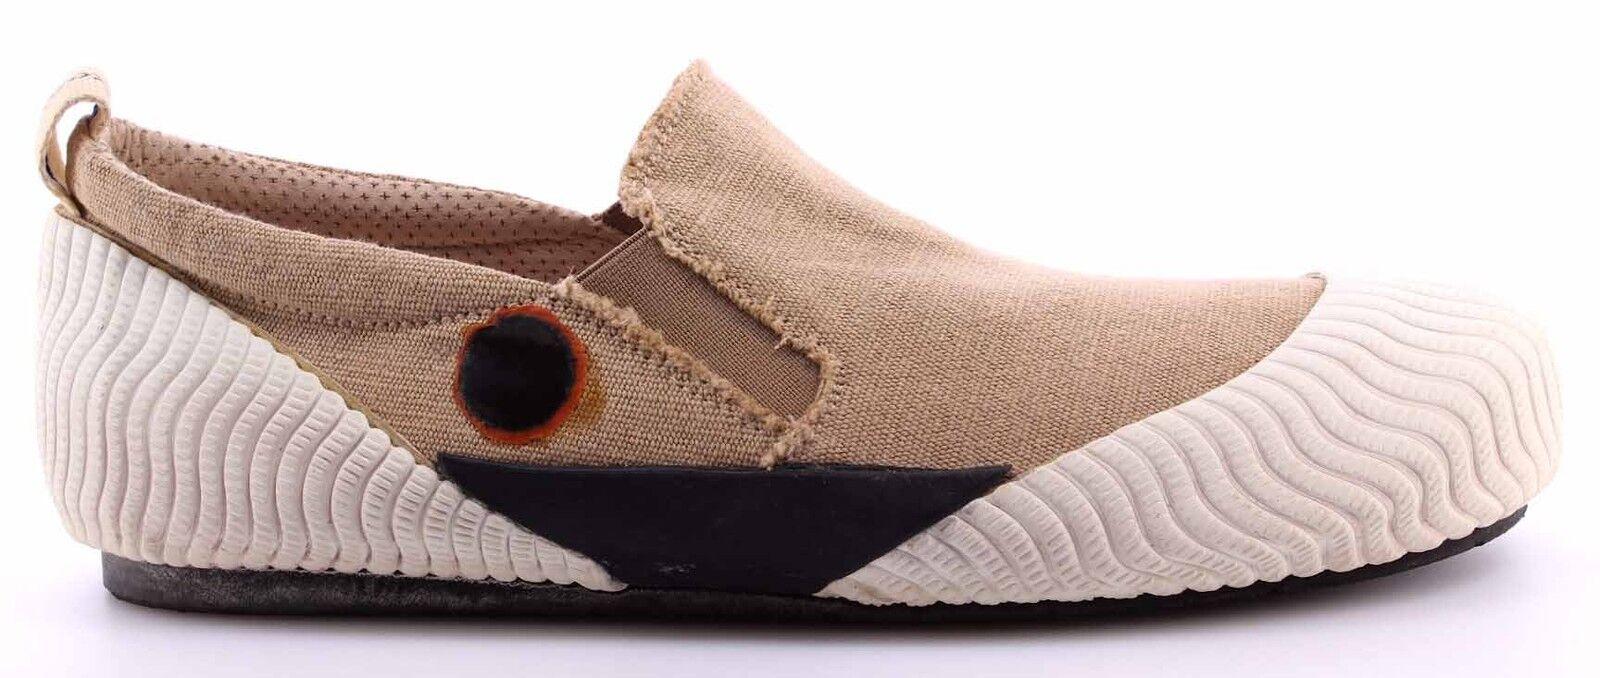 Herren Sneakers Schuhe MOMA 13502-VX Softy Weiß Slip On Beige Vintage  Neu